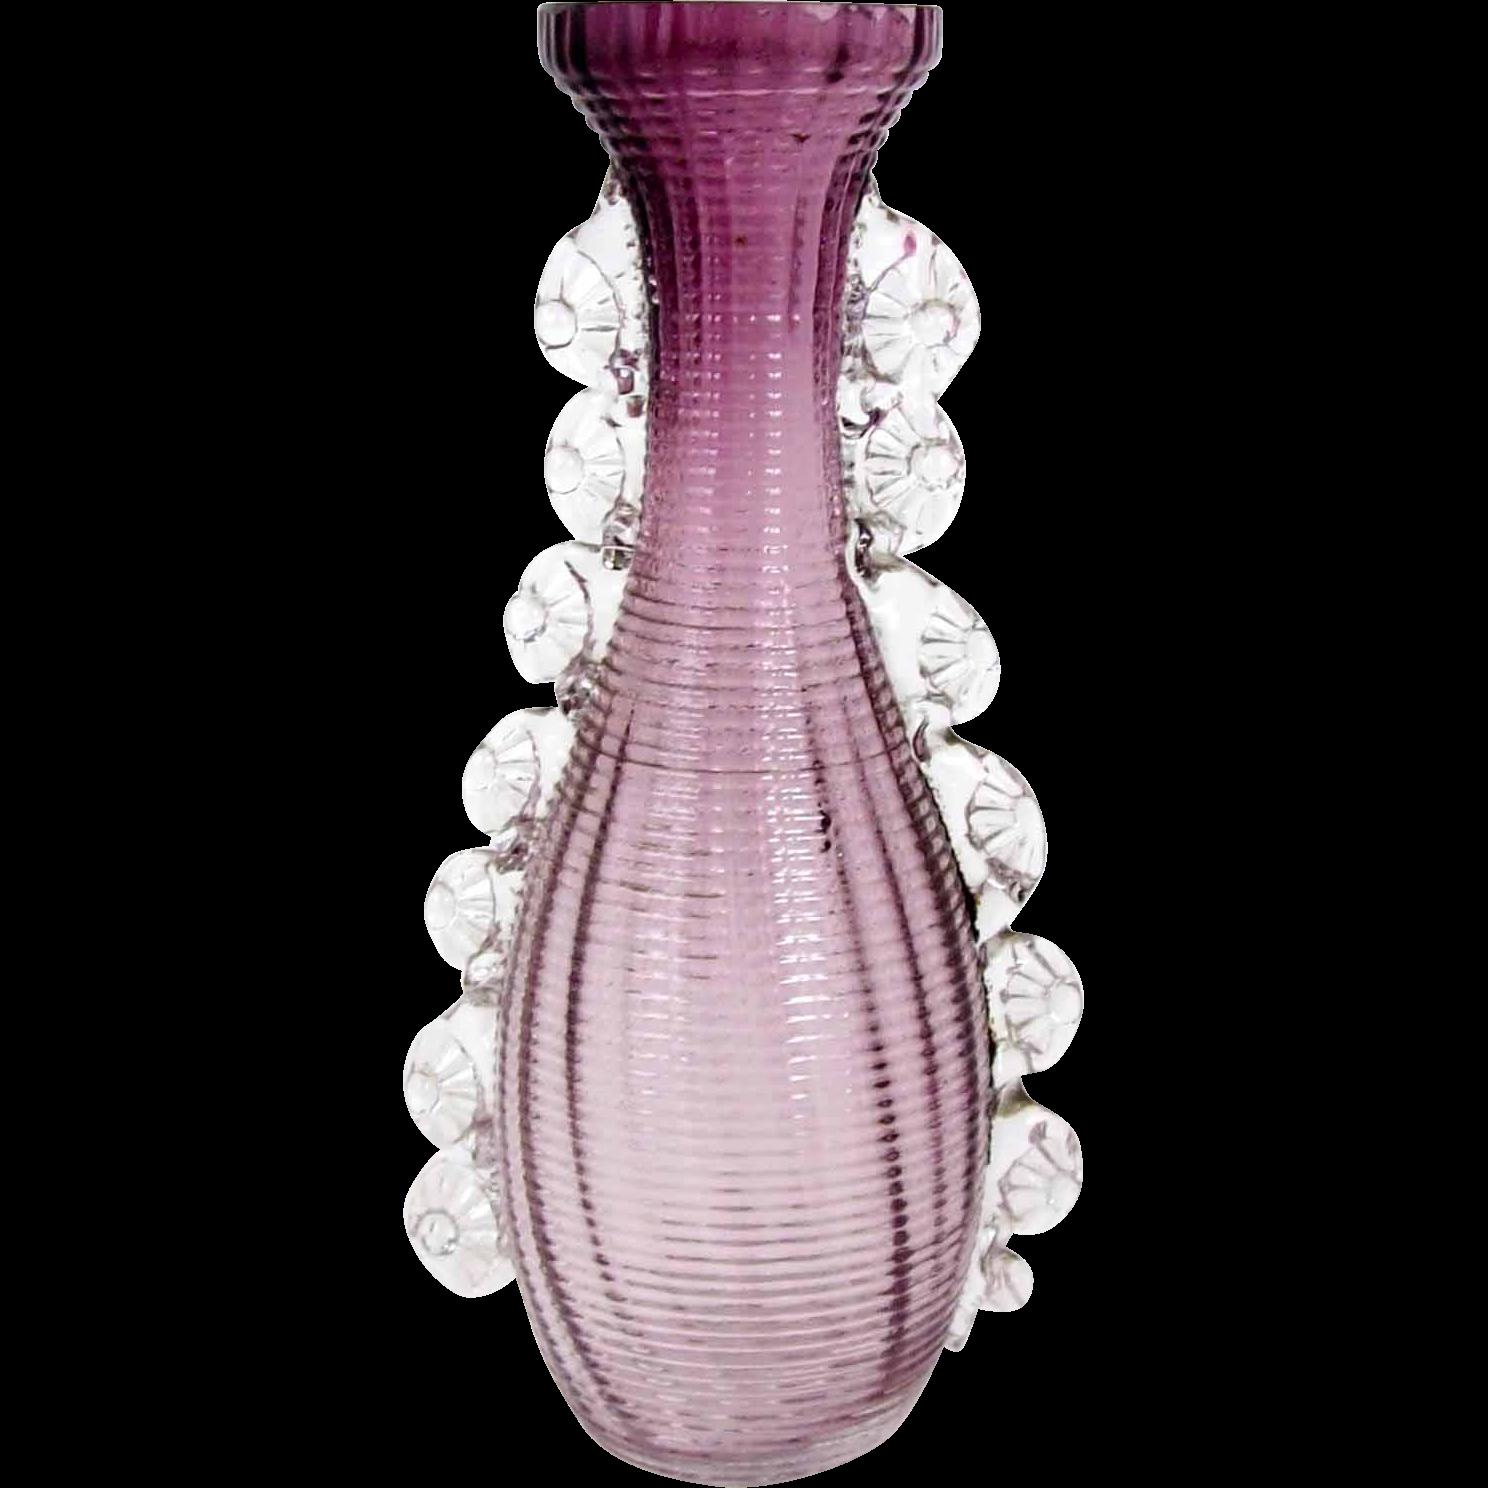 grand vase transparent deco grand vase transparent grand vase decoratif design transparent ikea. Black Bedroom Furniture Sets. Home Design Ideas